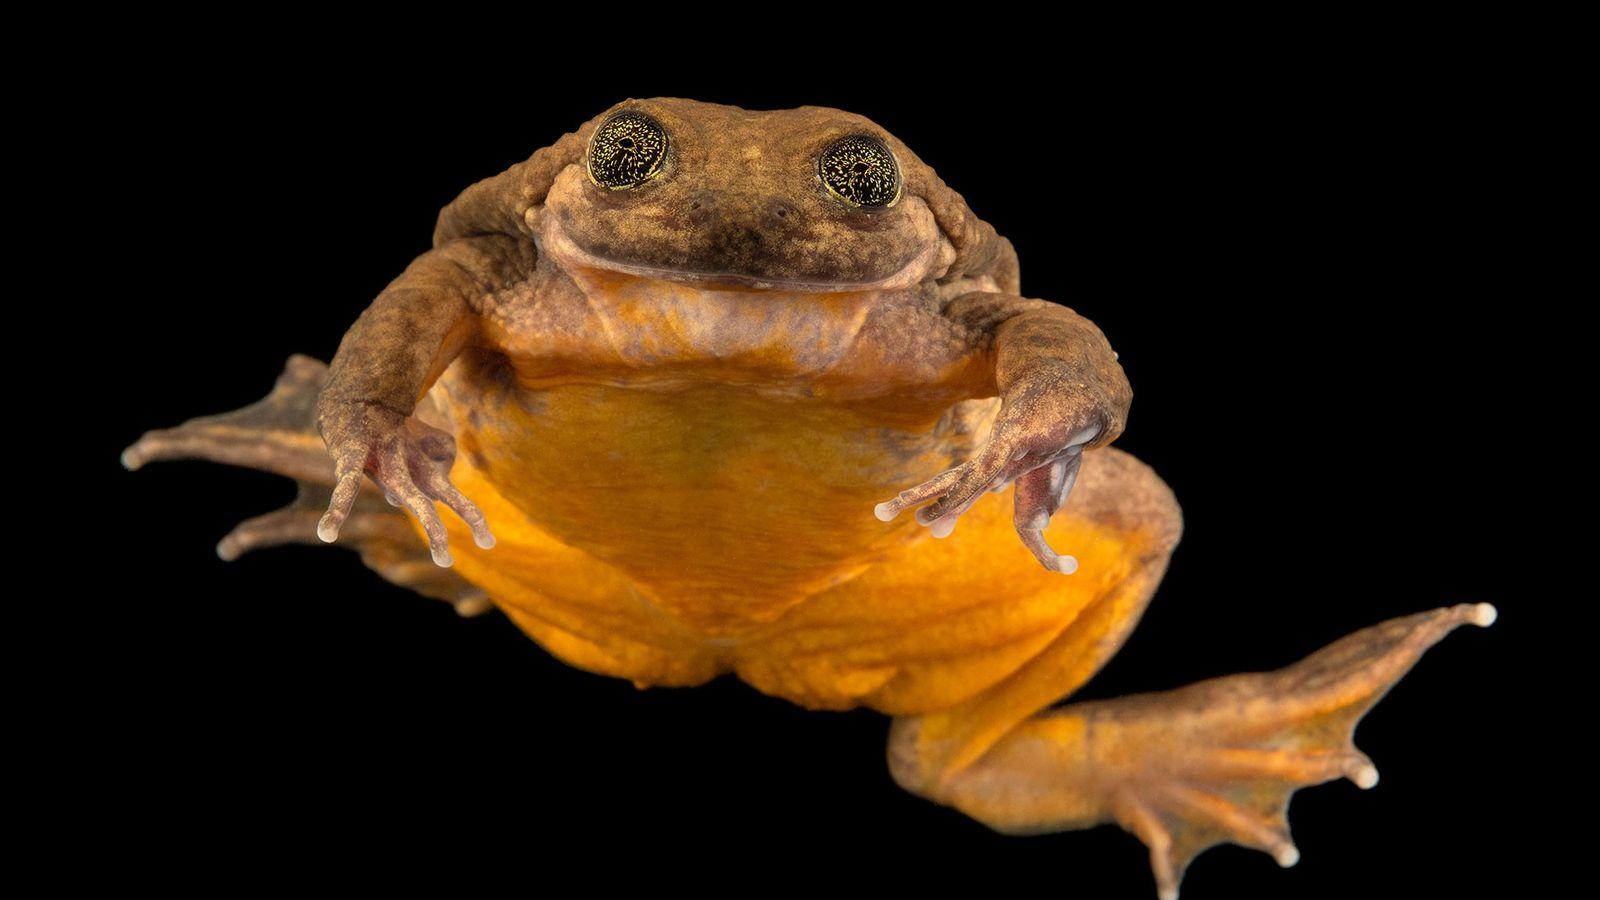 Julieta, una rana acuática de Sehuencas descubierta recientemente, parece sonreírle a la cámara en esta fotografía ...